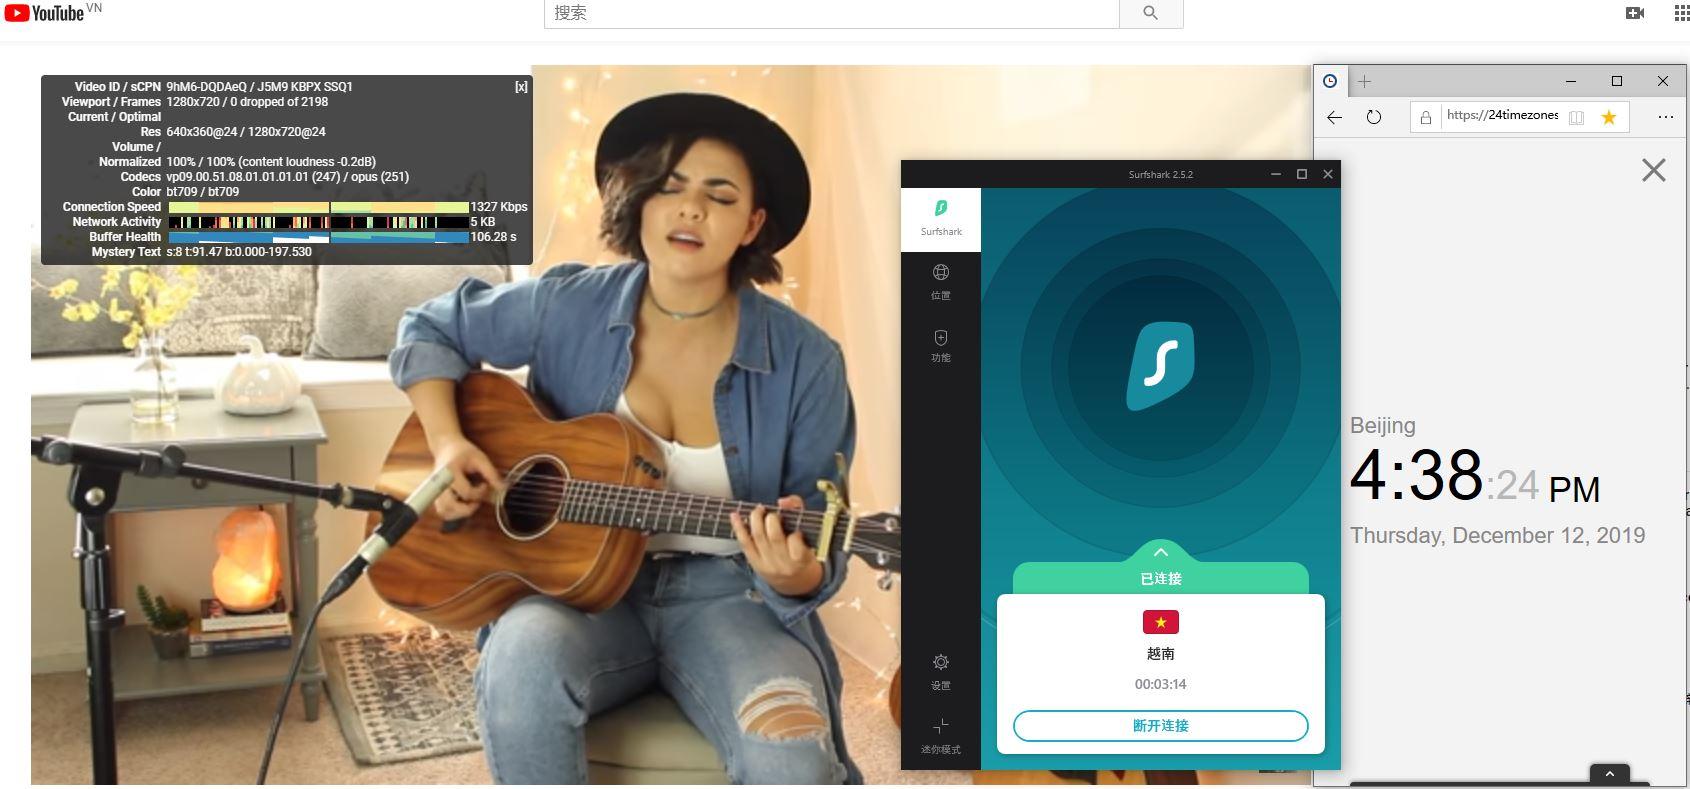 Windows SurfsharkVPN 越南 中国VPN翻墙 科学上网 youtube 测速 - 20191212